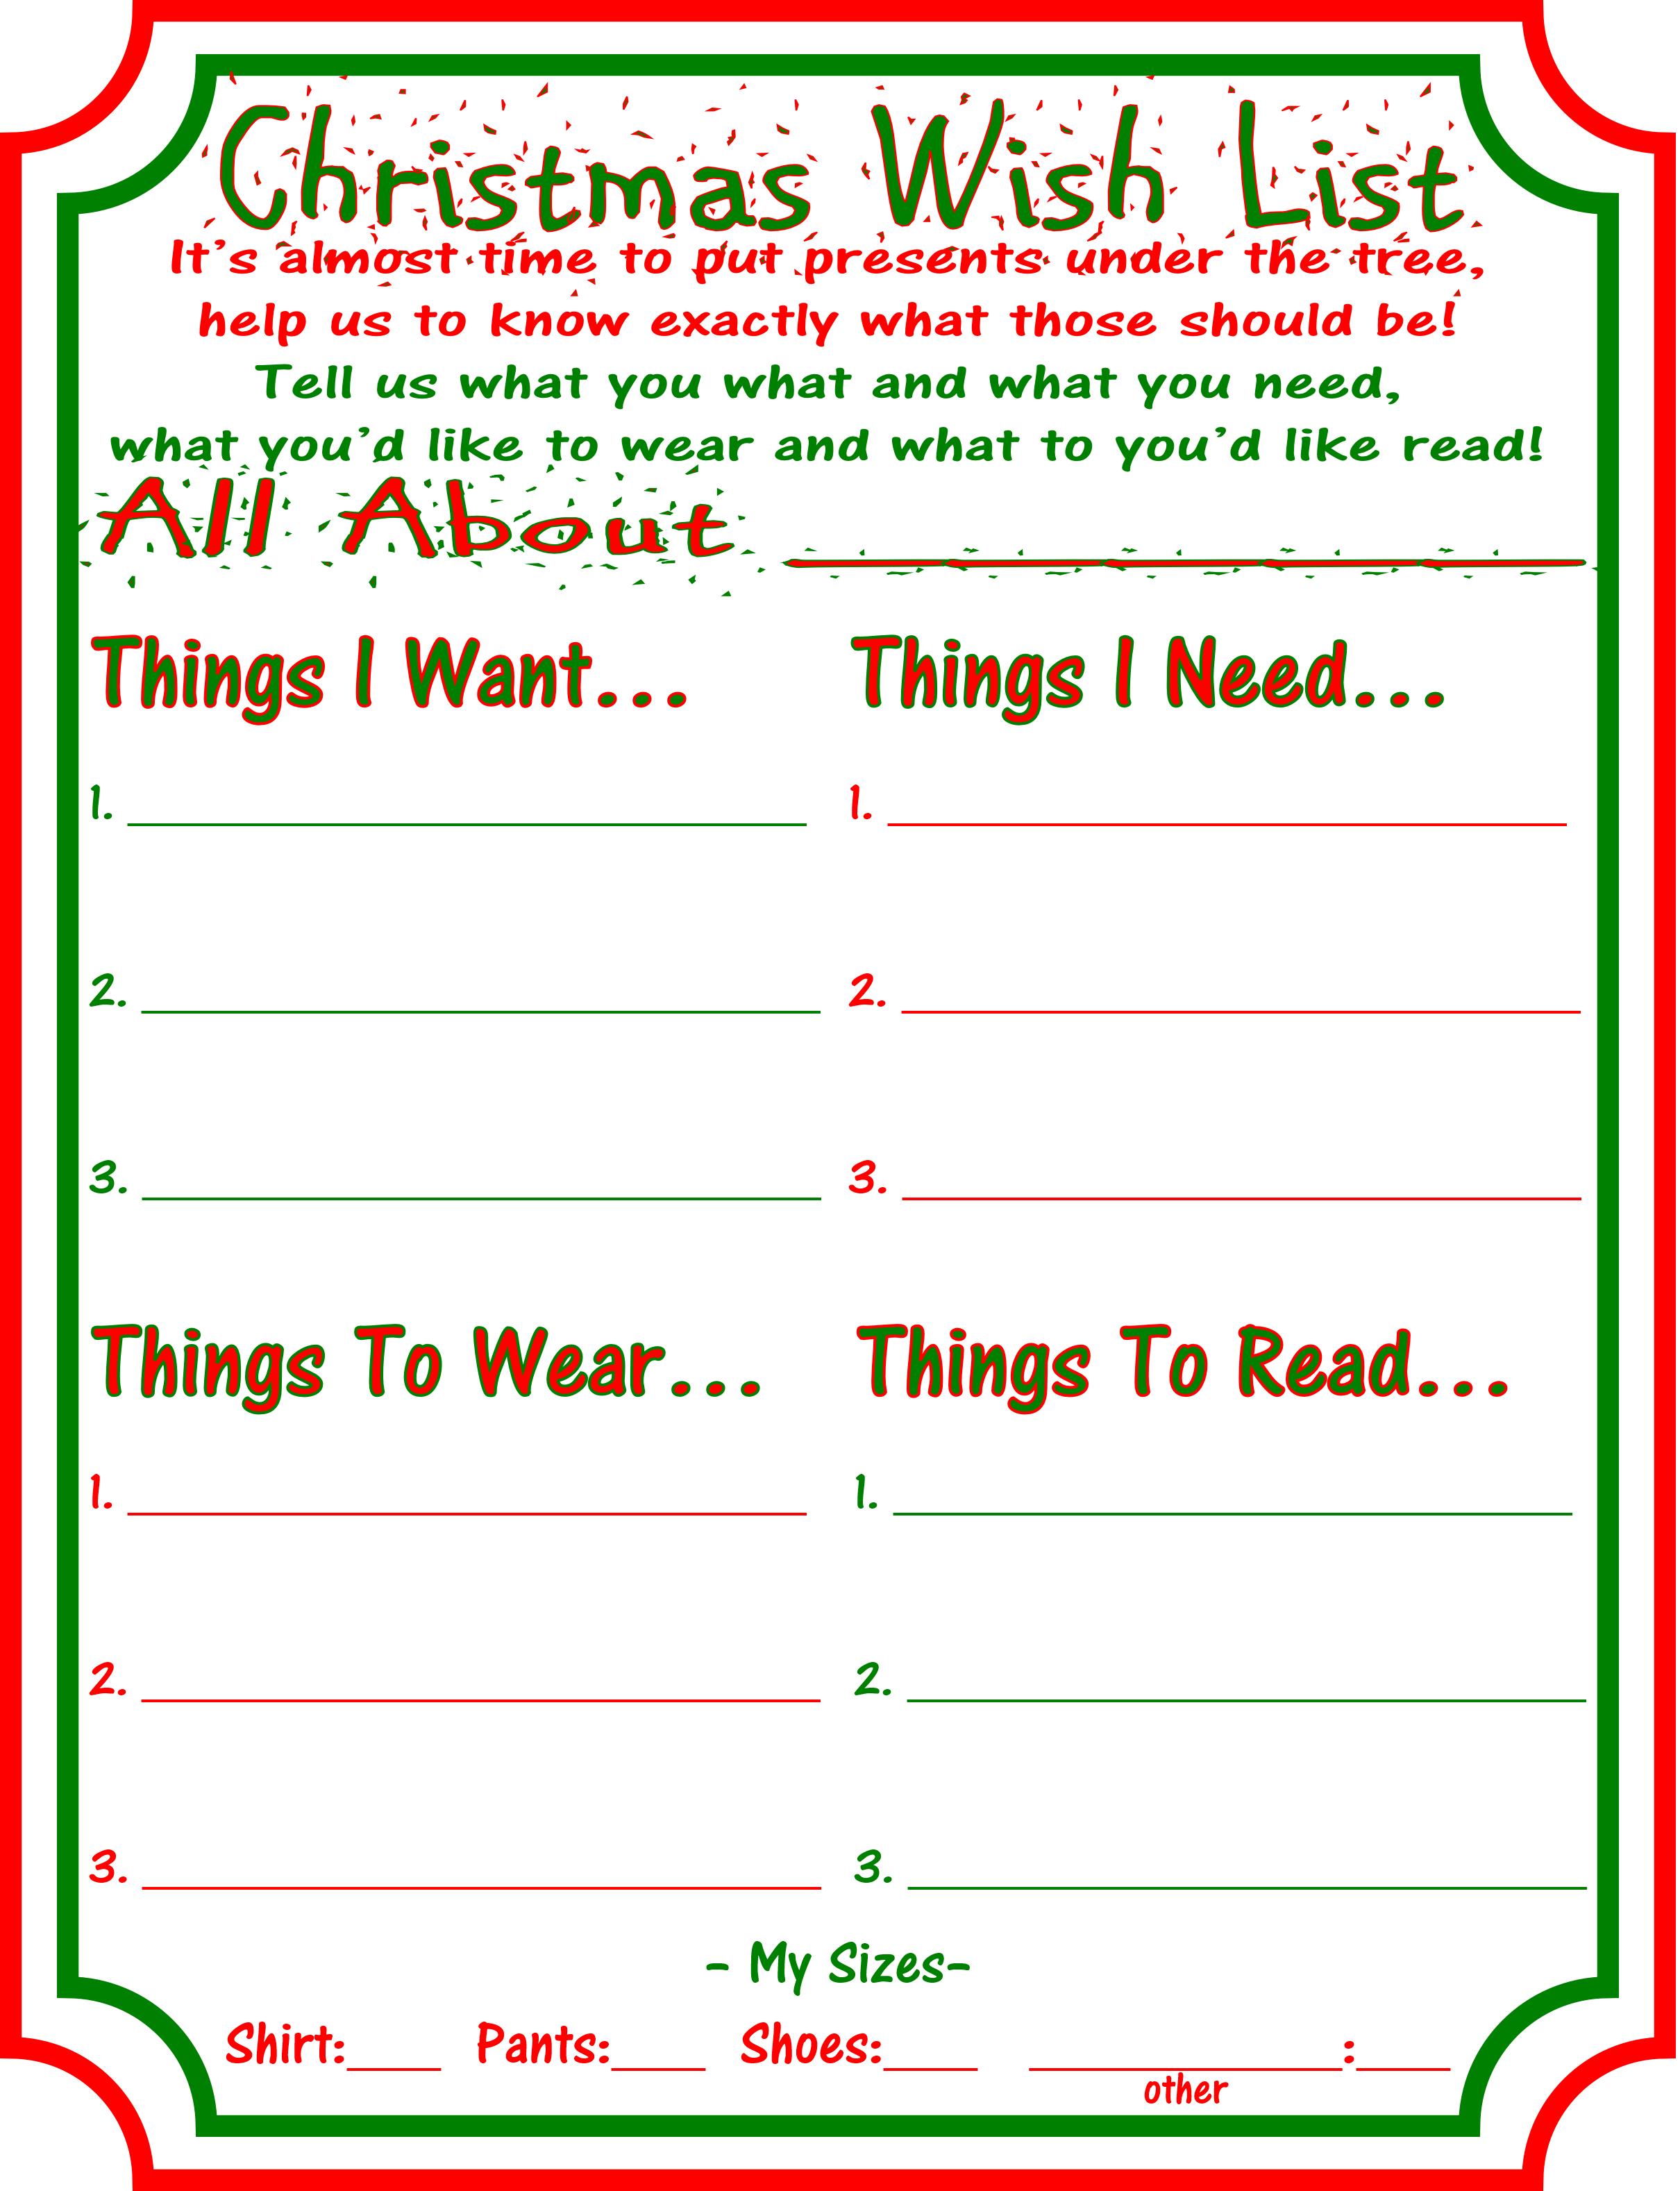 Family Christmas Gift Lists.Pin On Merry Christmas